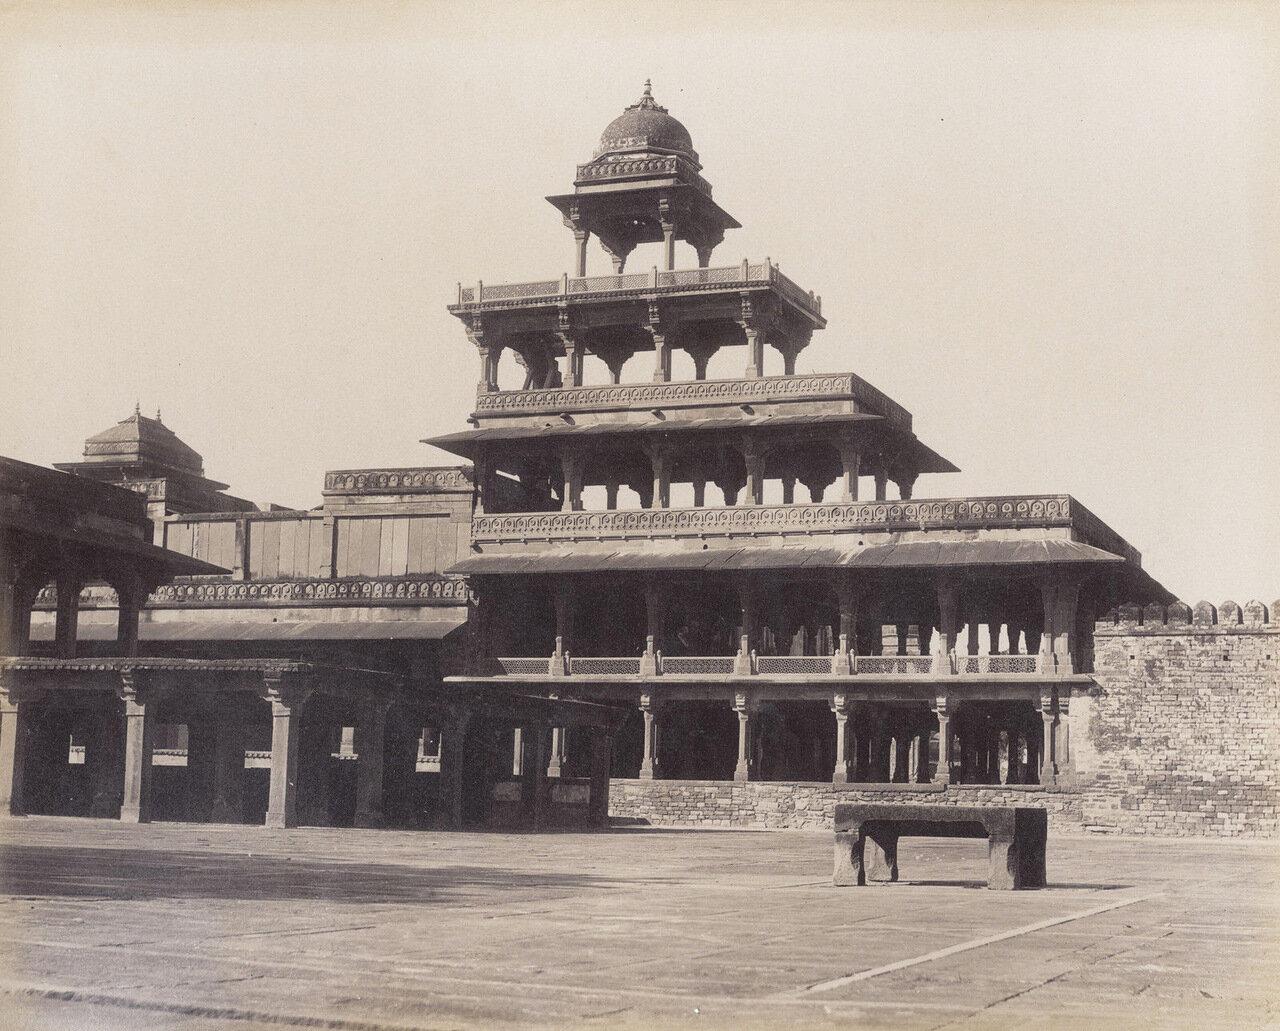 Фатехпур Сикри. Пятиэтажный Панч-Махал. 1880